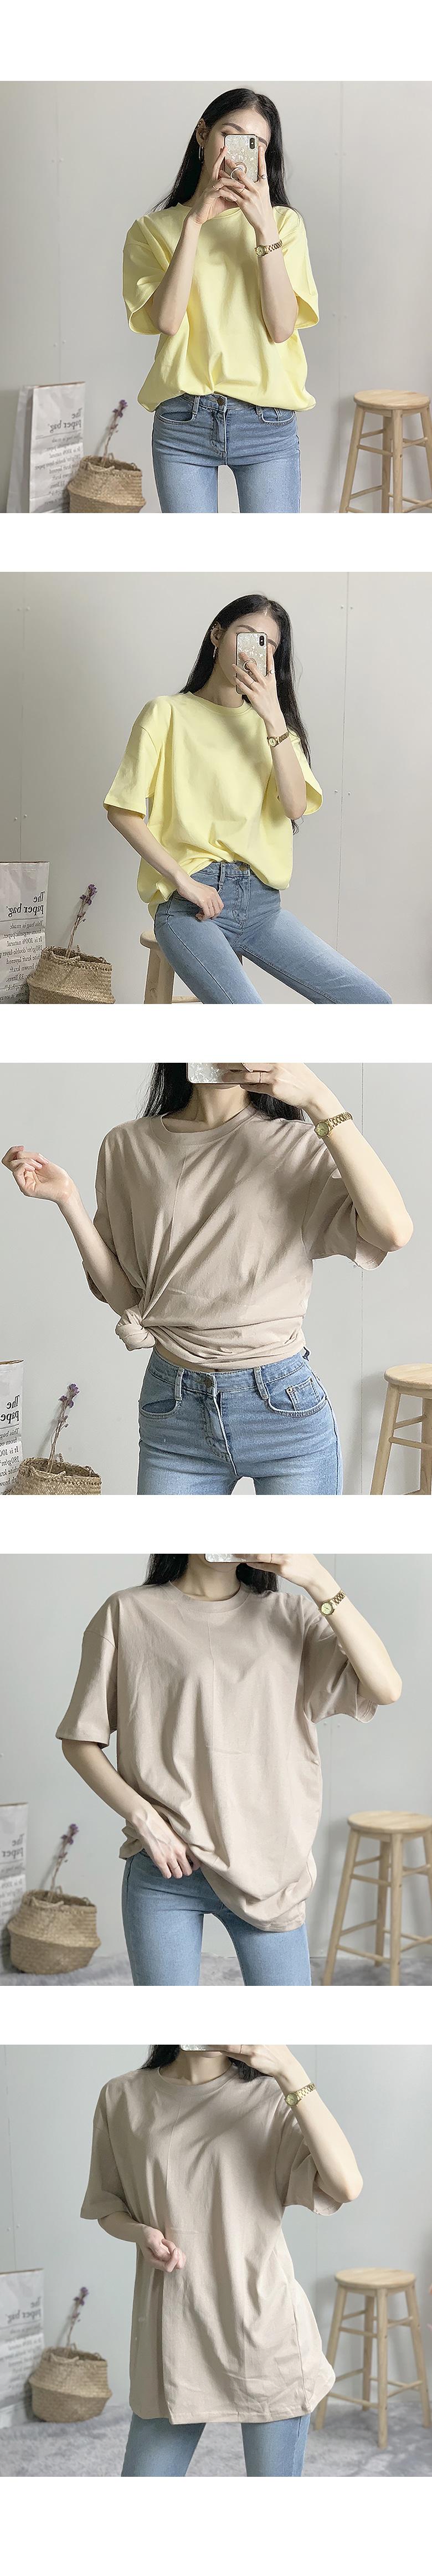 Basic Round Short Sleeve Tee